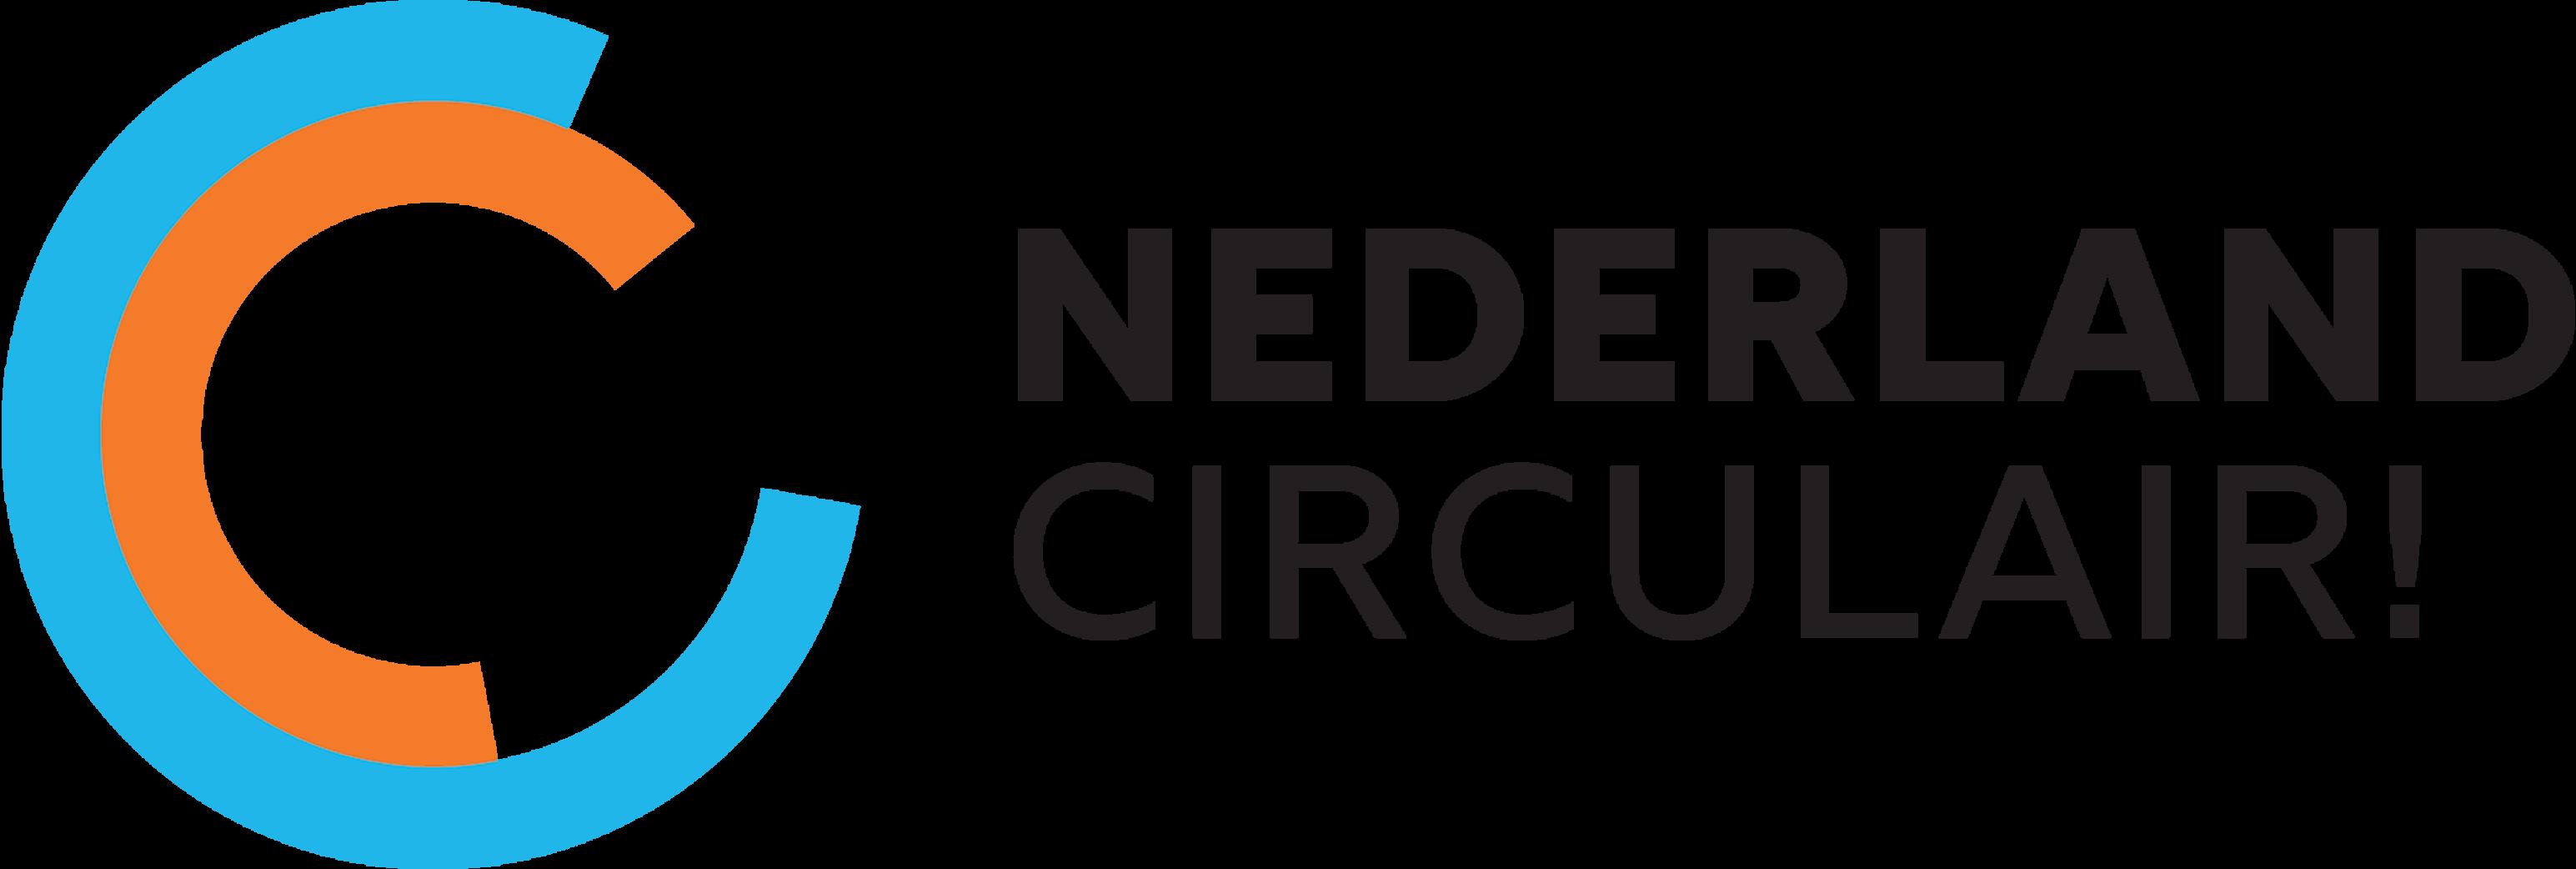 nederland_circulair_logo_big.png